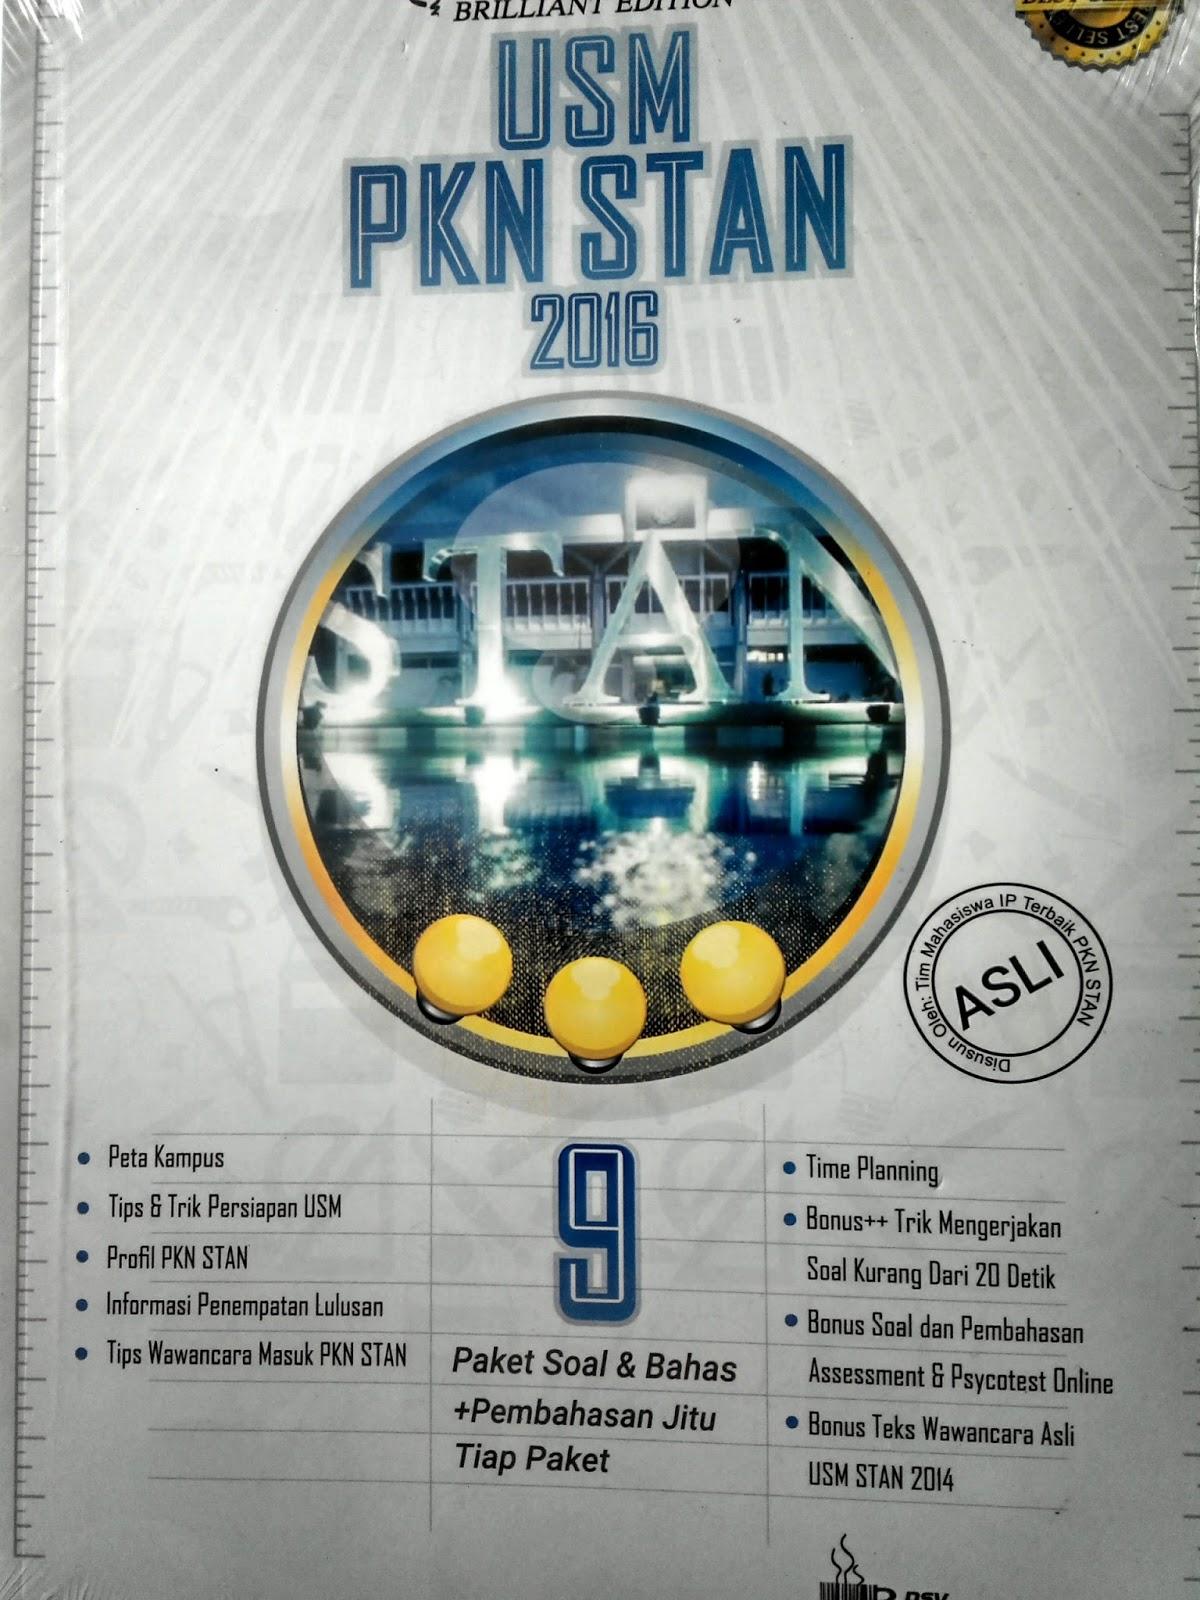 Buku Soal Usm Pkn Stan 2016 Terbaru Dan Terlengkap